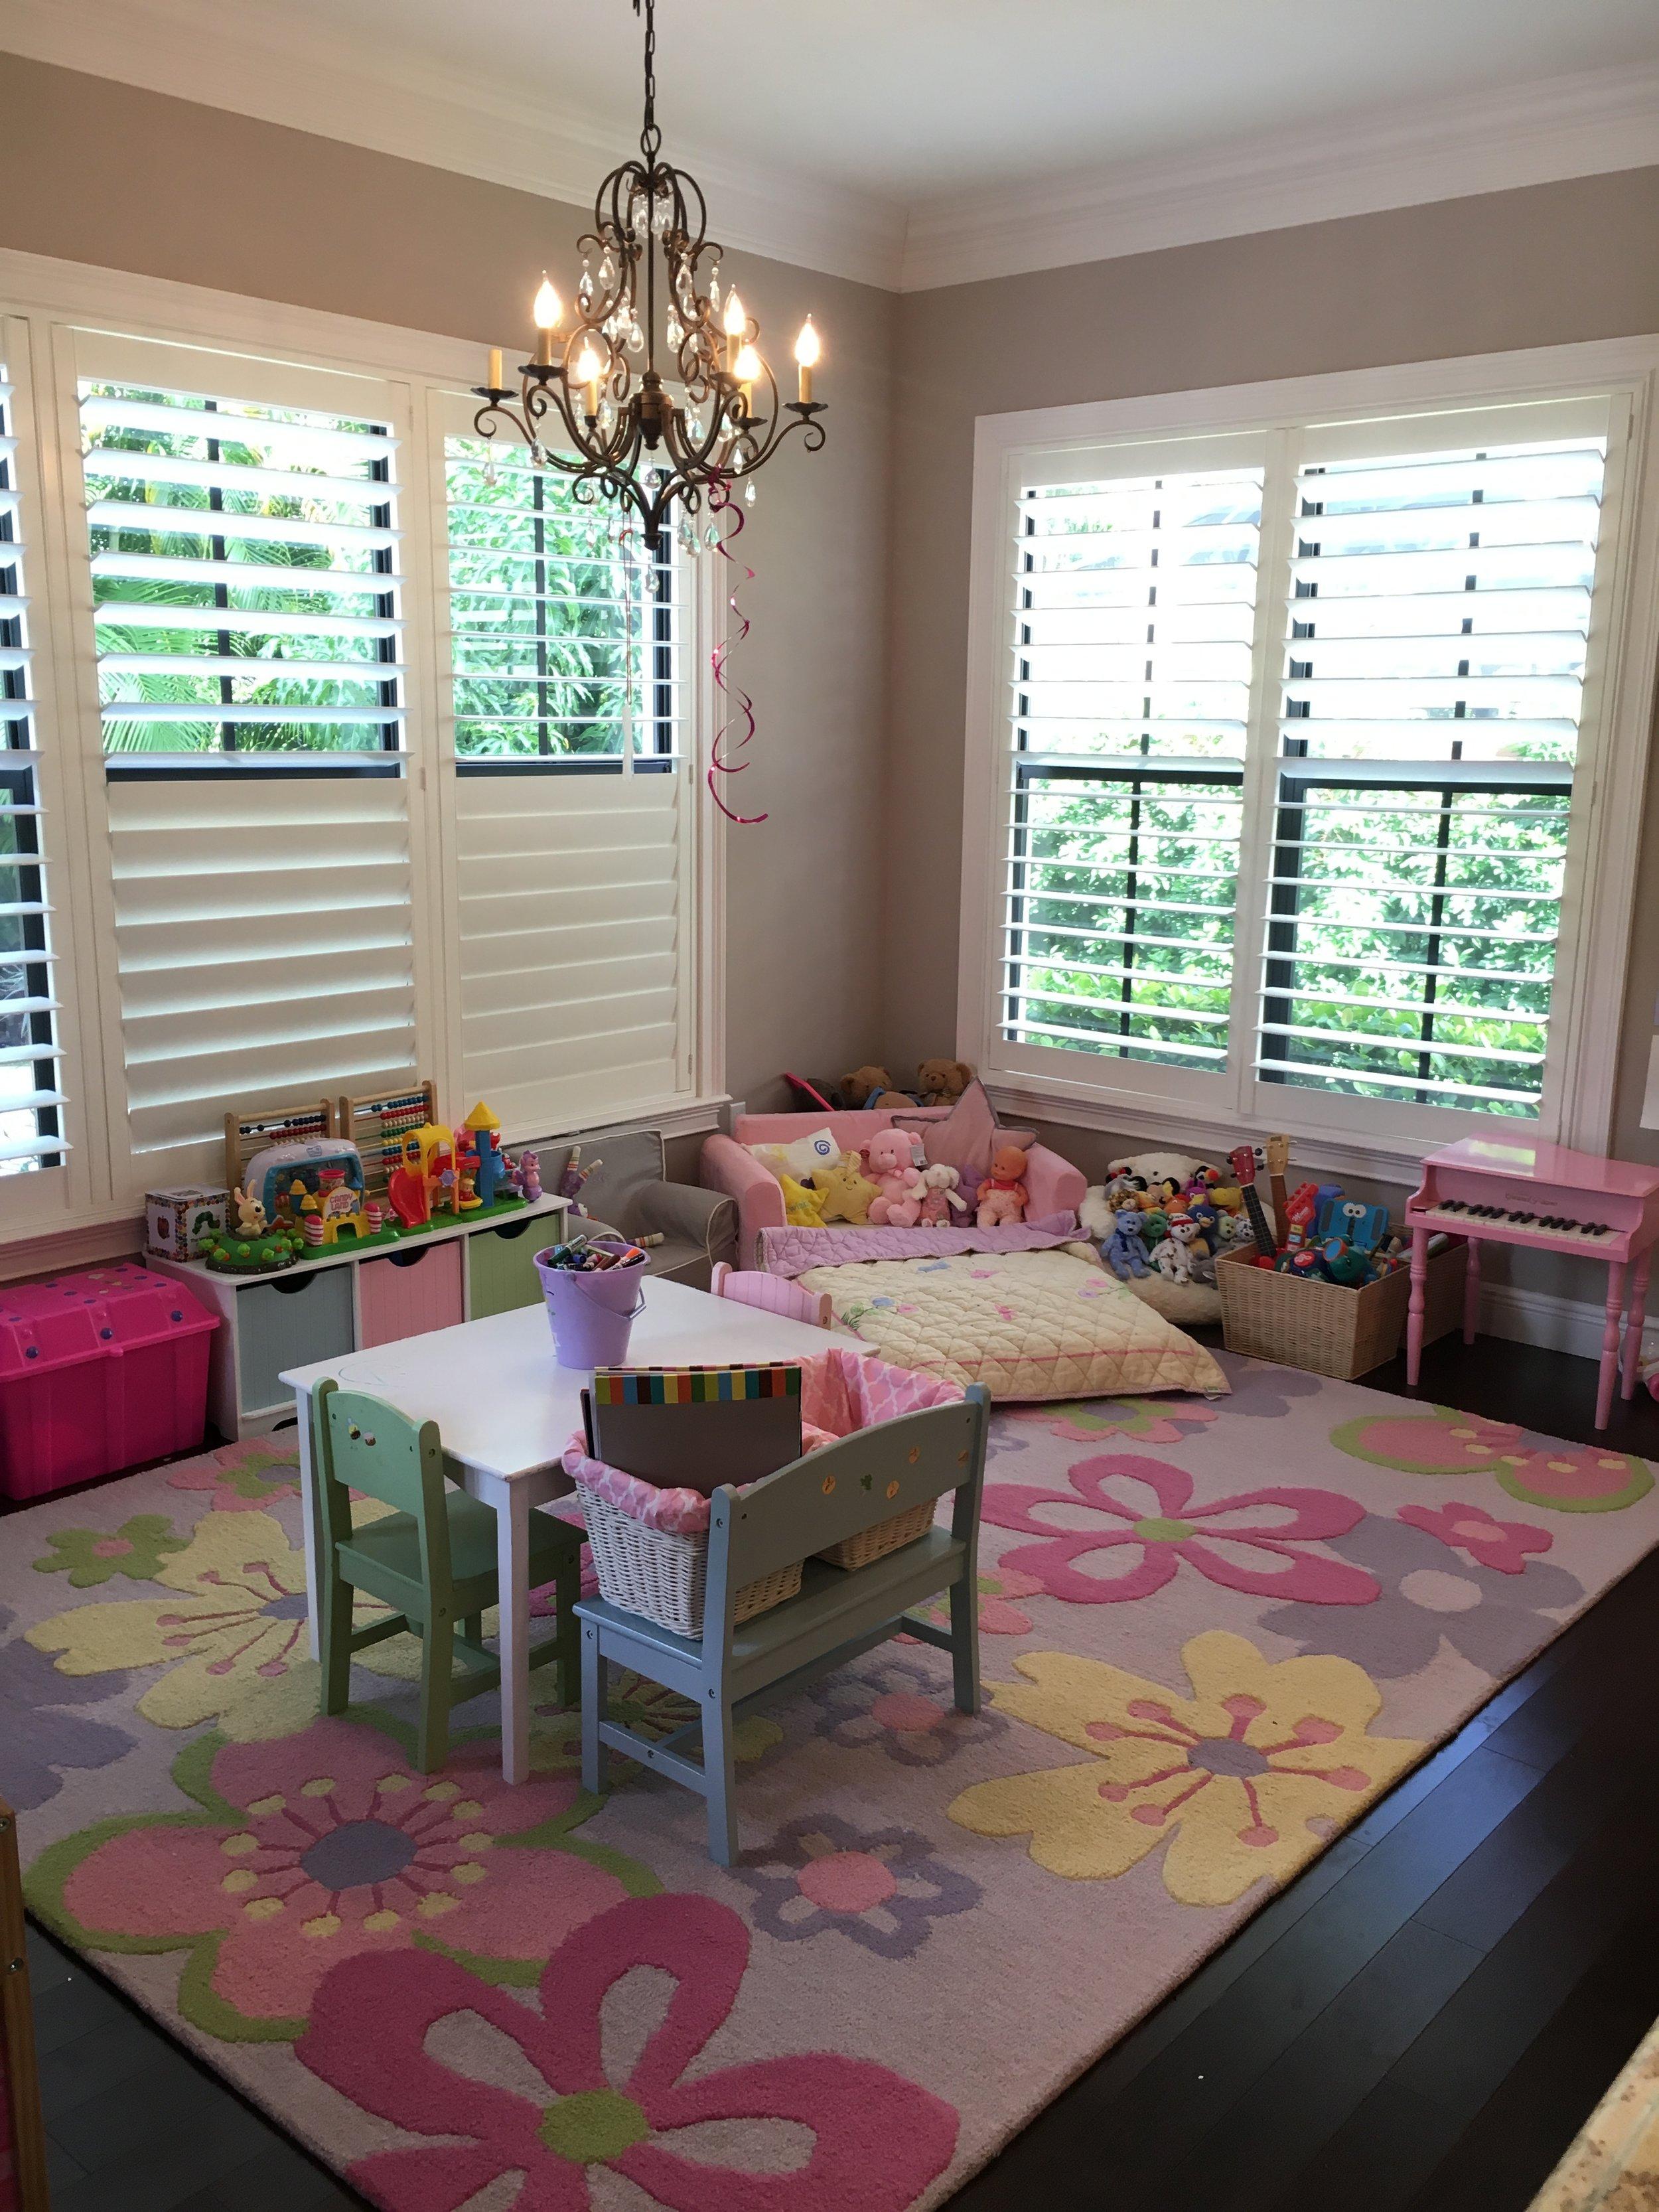 Reorganized playroom by Tatiana Knight